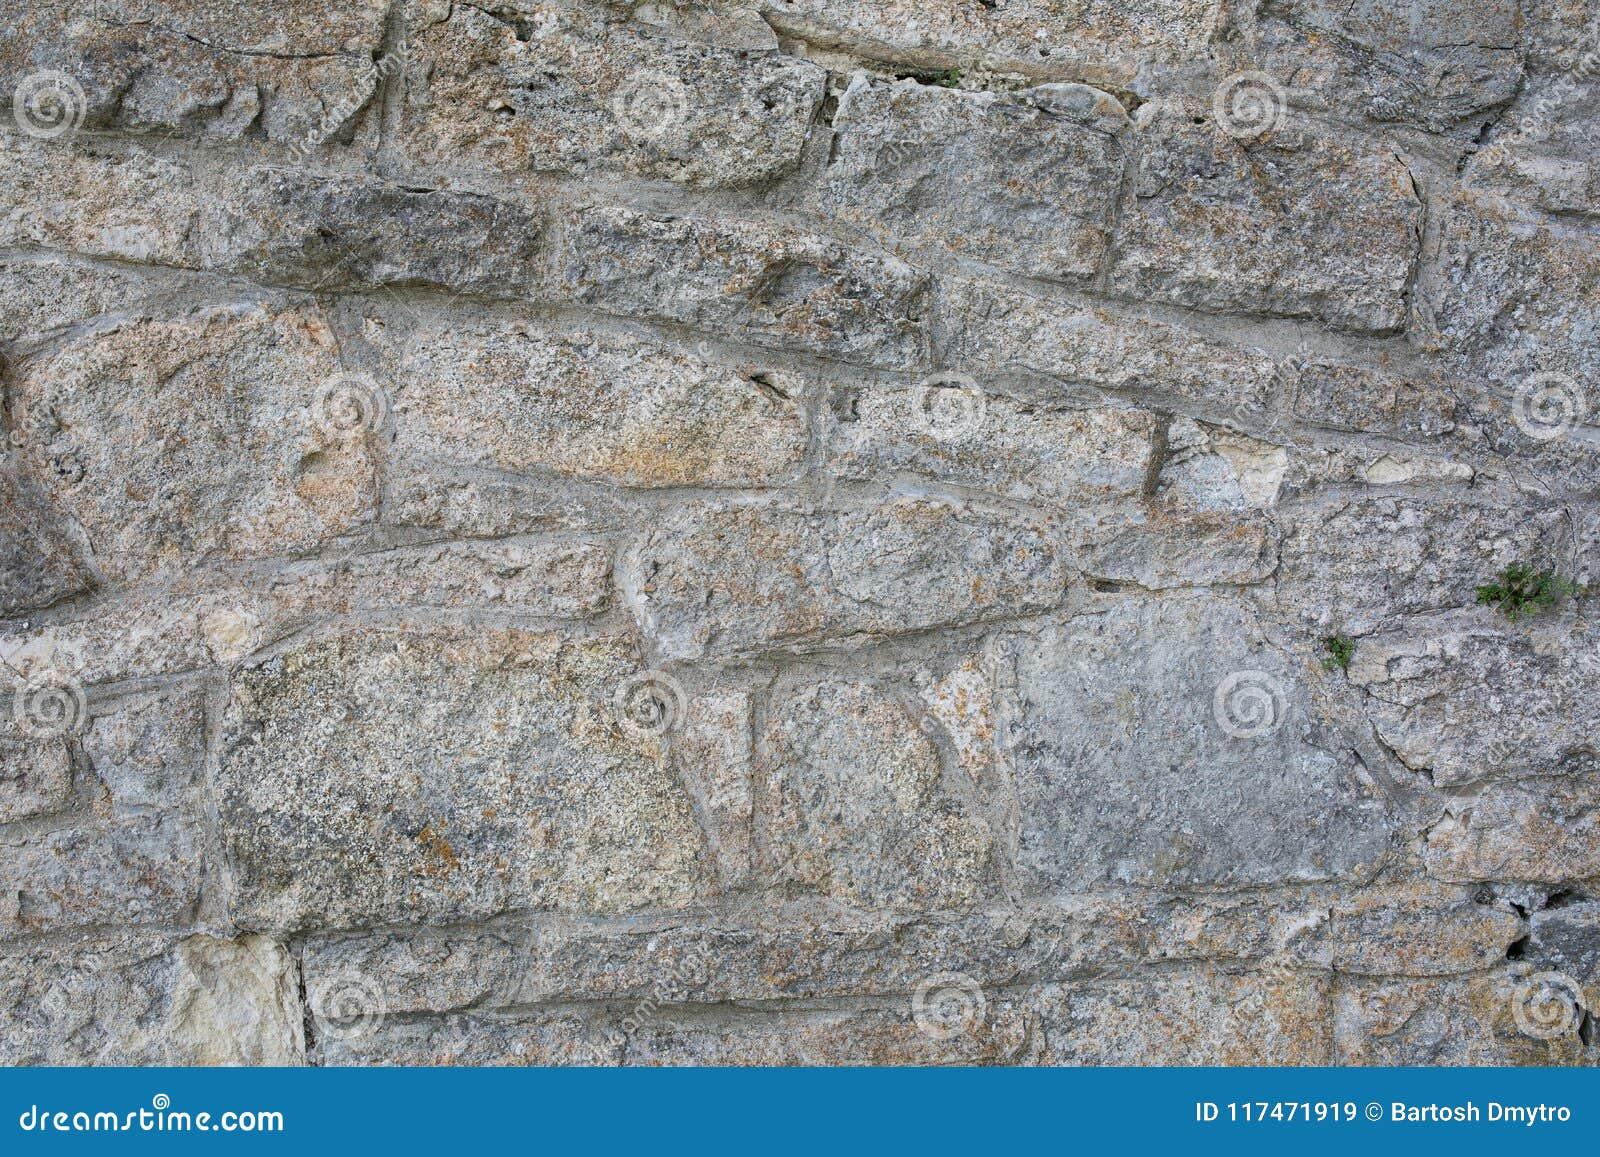 Old wall made of big stones and broken bricks